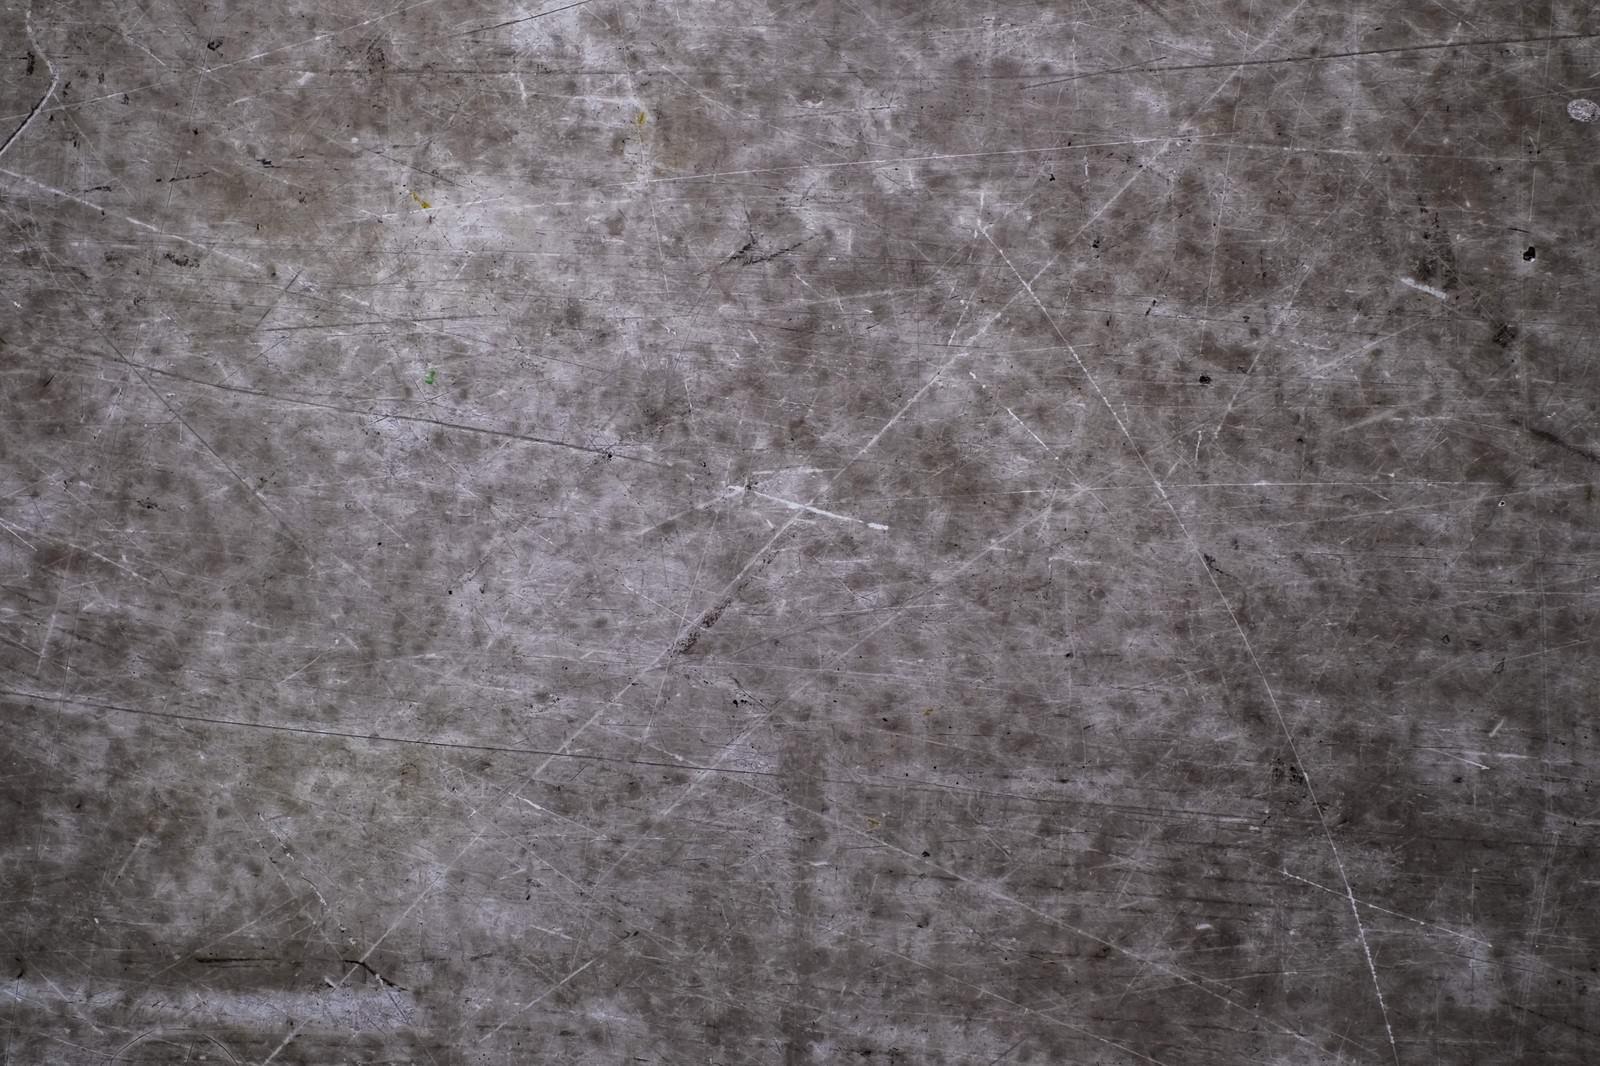 「傷つけられた壁(テクスチャー)」の写真